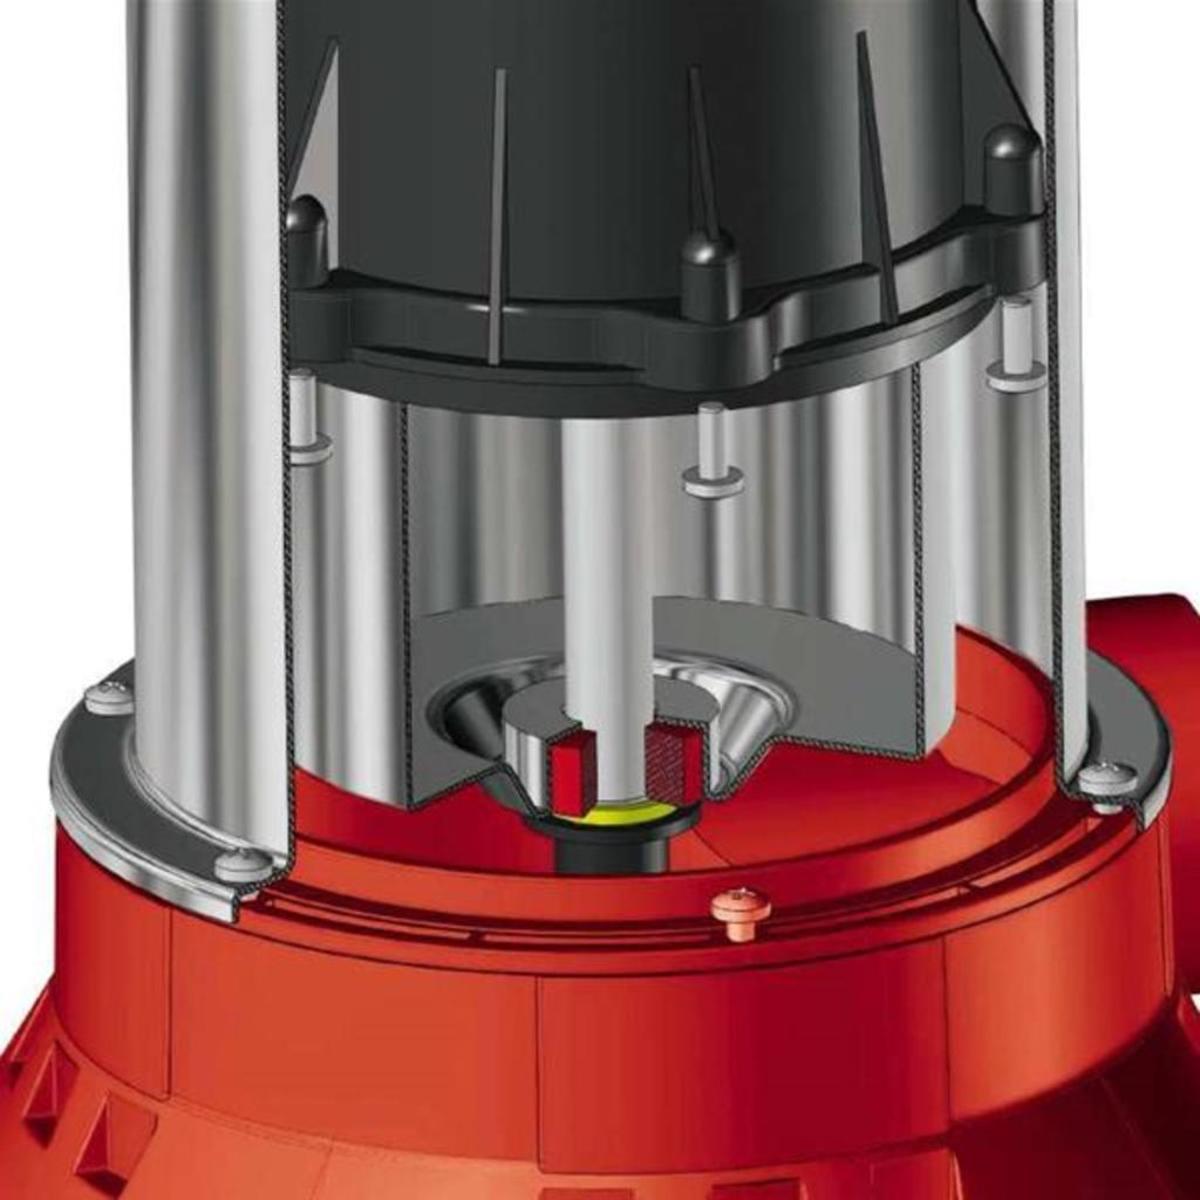 Bild 3 von Einhell Schmutzwasserpumpe GC-DP 1020 N, Leistung 1000 Watt, Fördermenge max. 18000 l/h, Förderhöhe max. 9 m, 4170773